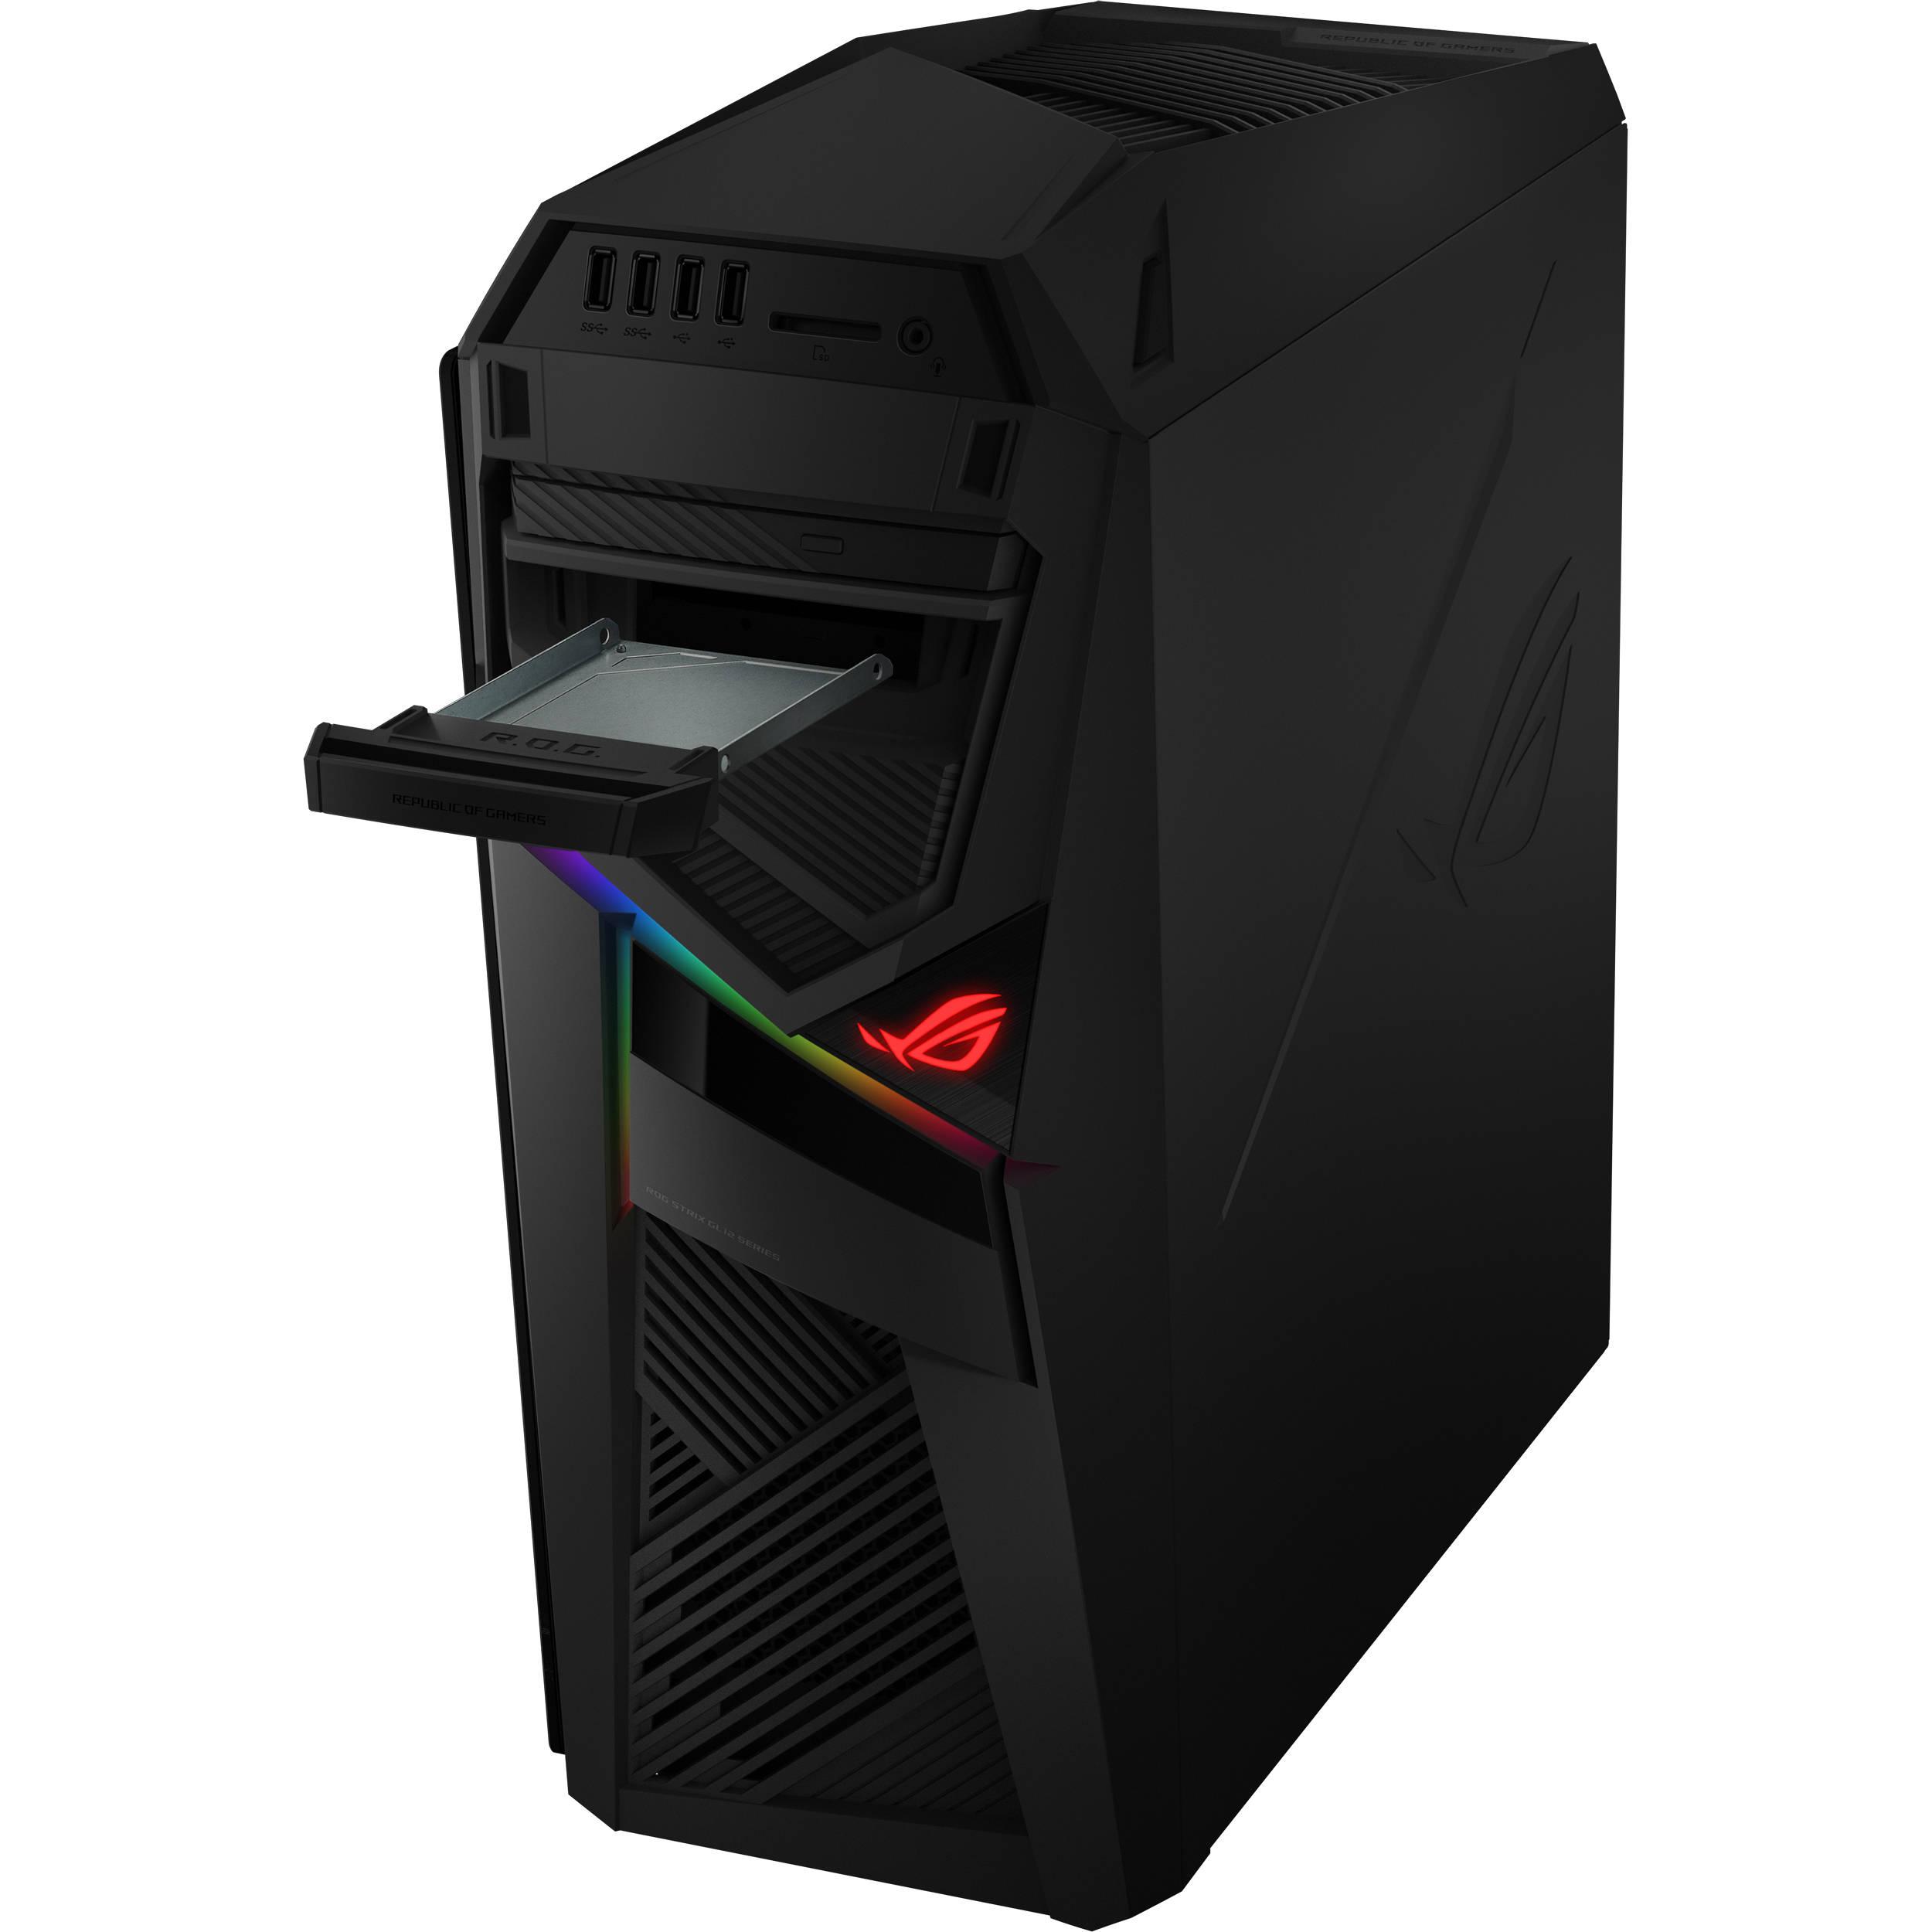 ASUS Republic of Gamers Strix GL12 Gaming Desktop